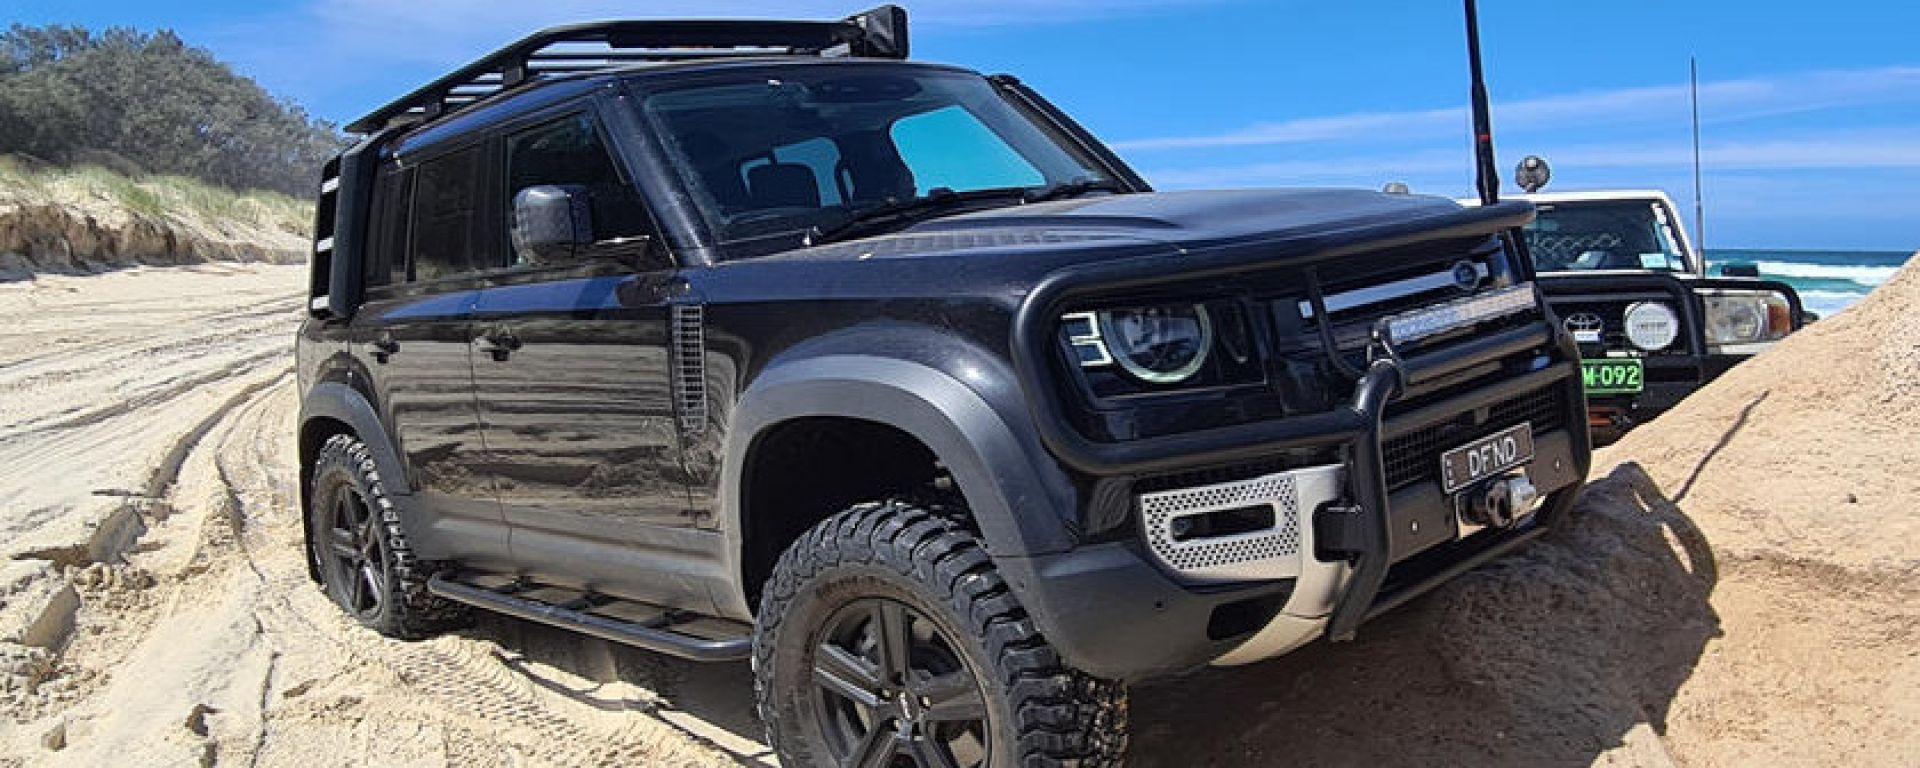 Nuova Land Rover Defender: il tuning di Newdefendermods